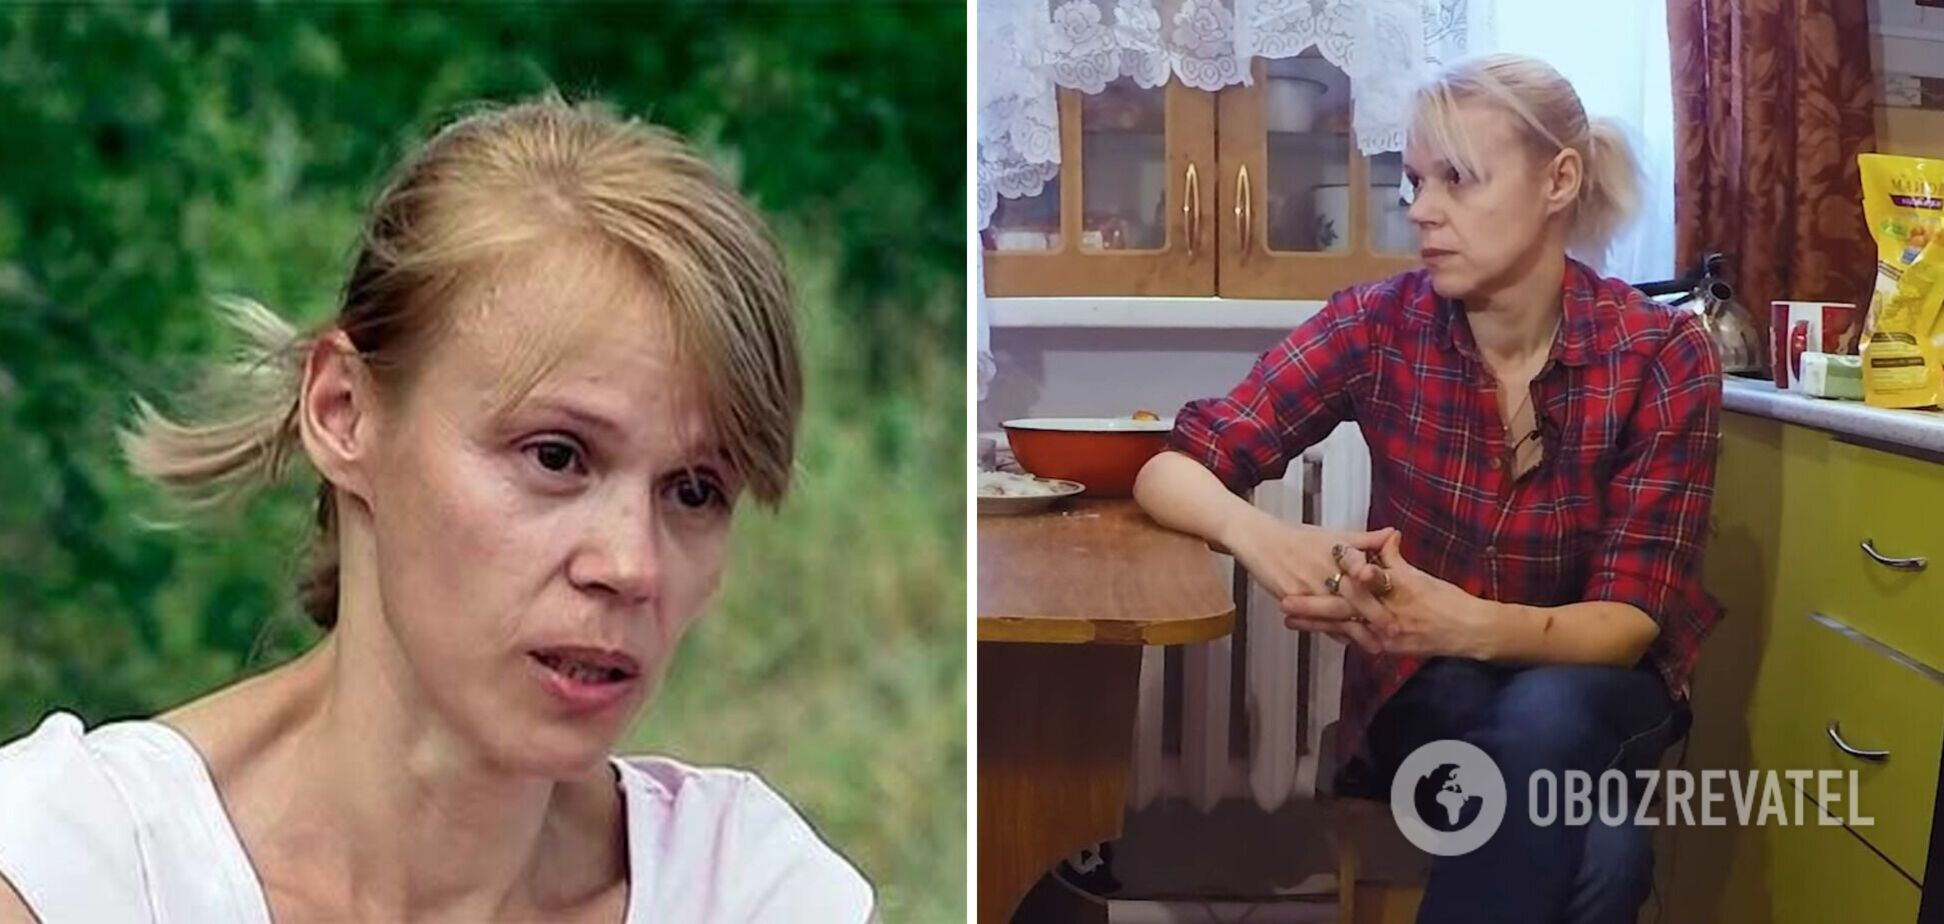 Героиня фейка о распятом мальчике рассказала о травле и жизни в России. Видео